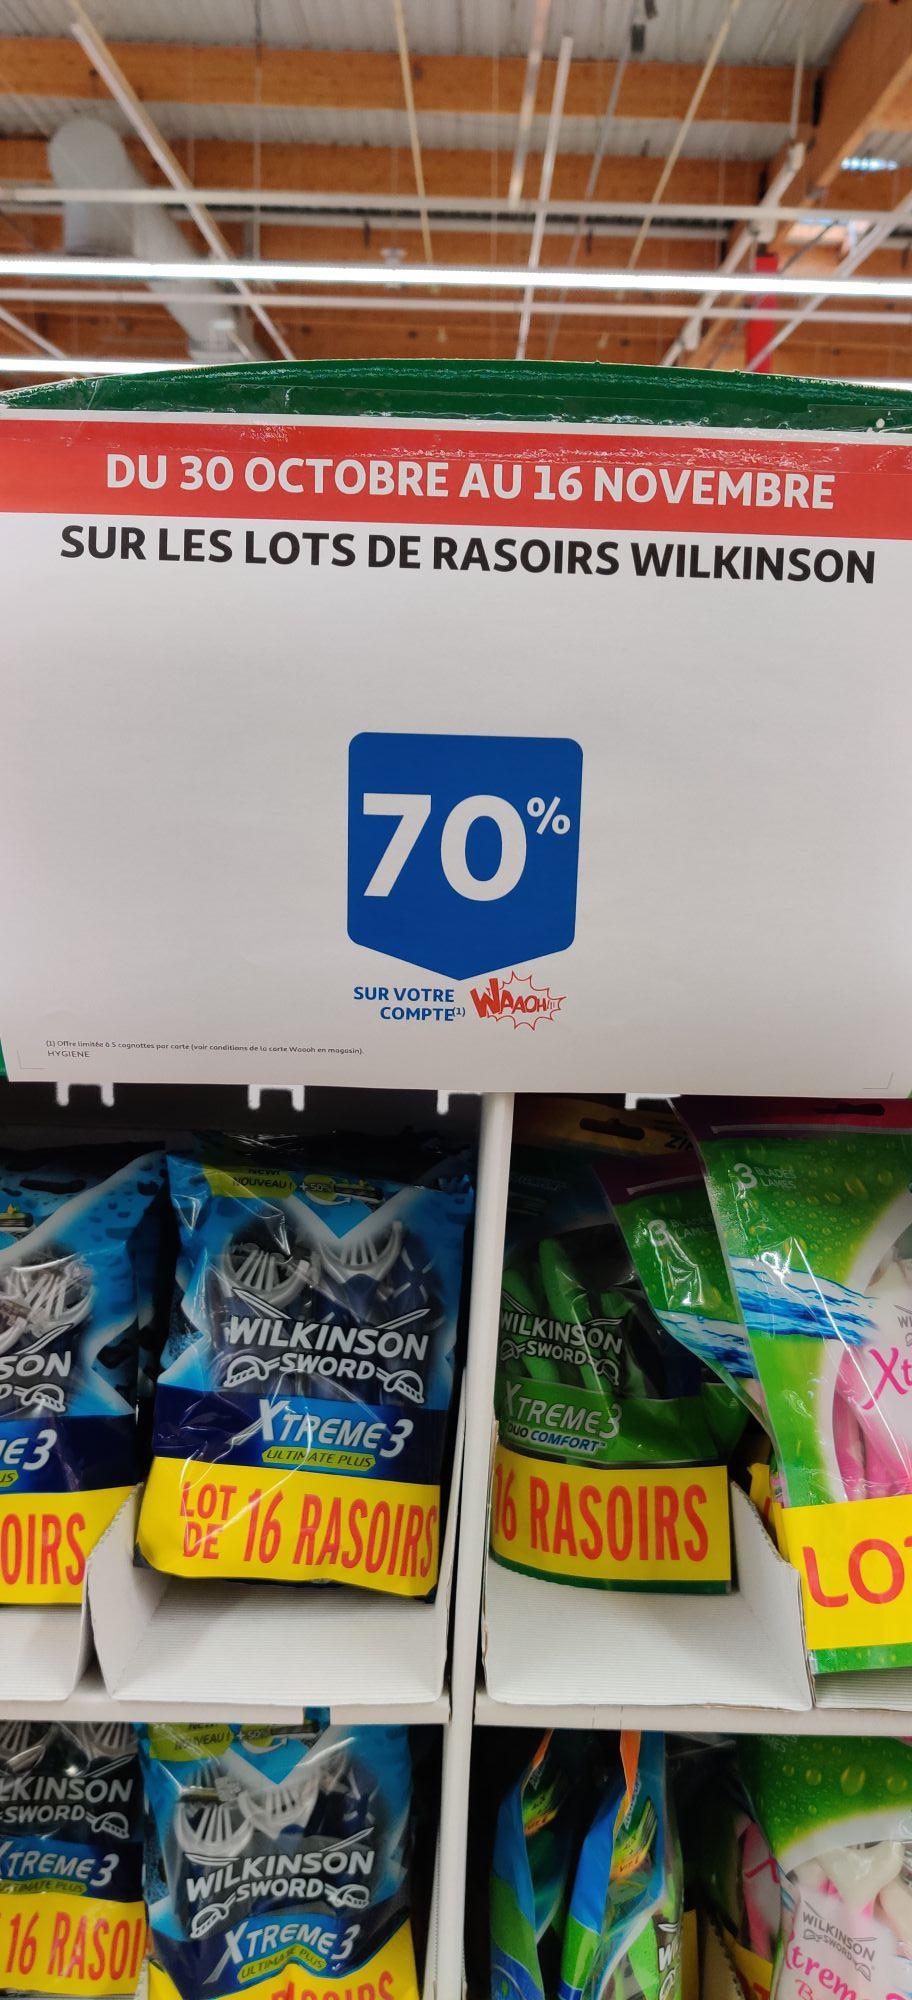 Lot de 16 rasoirs Wilkinson - Auchan Taverny 95 (Via 12.17€ sur la Carte de Fidélité)